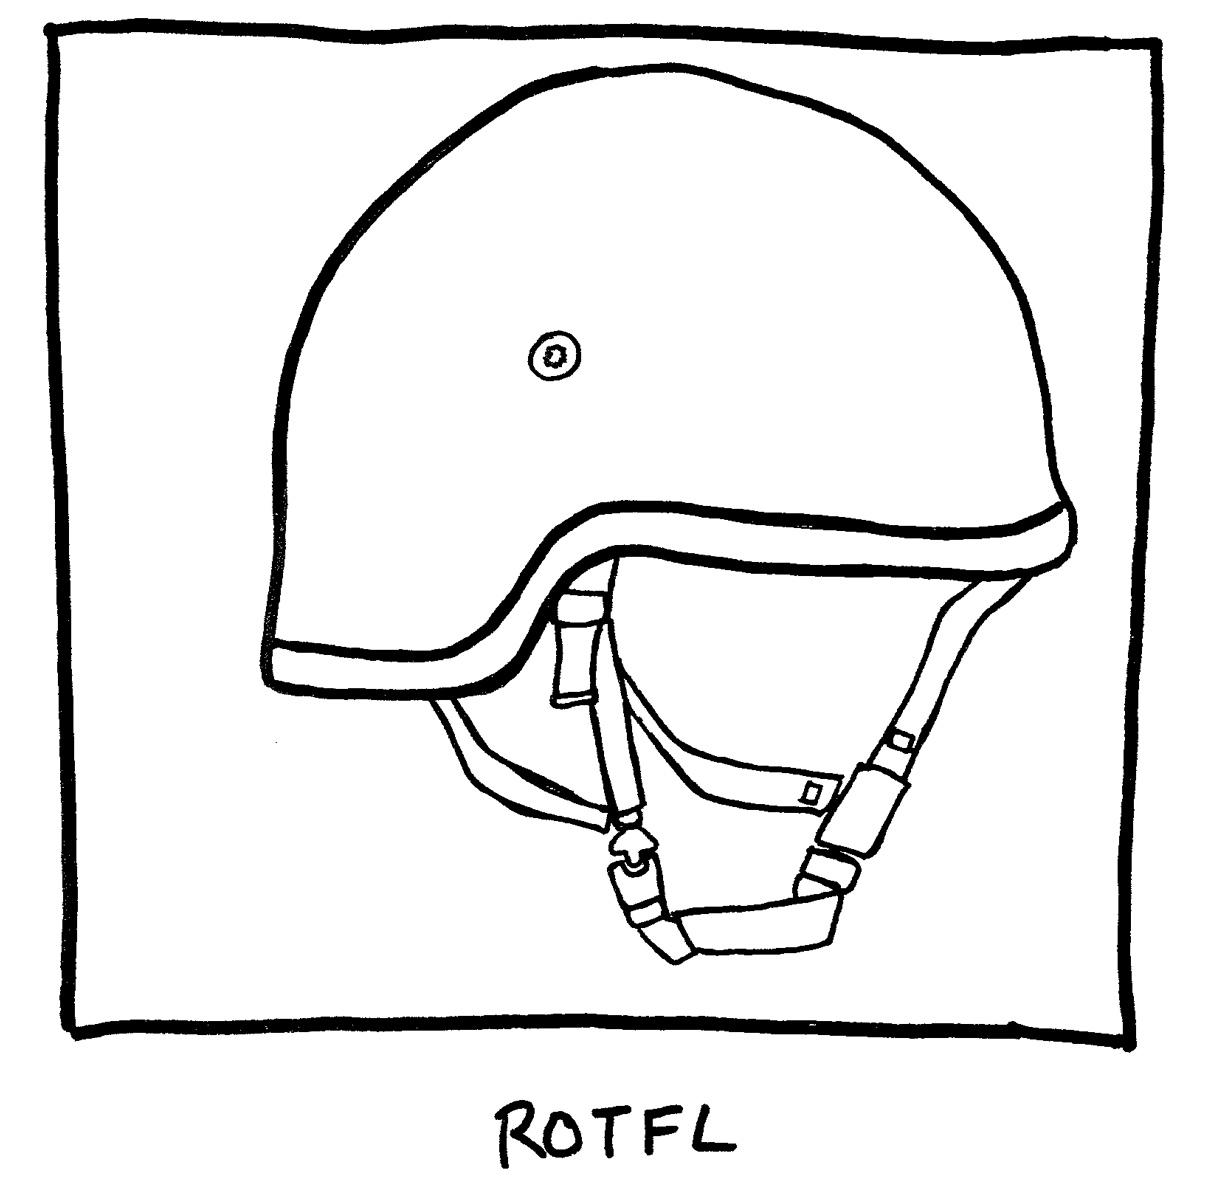 1211x1200 Drawing Of A Helmet Drawing Of A Helmet U.s. Combat Helmets